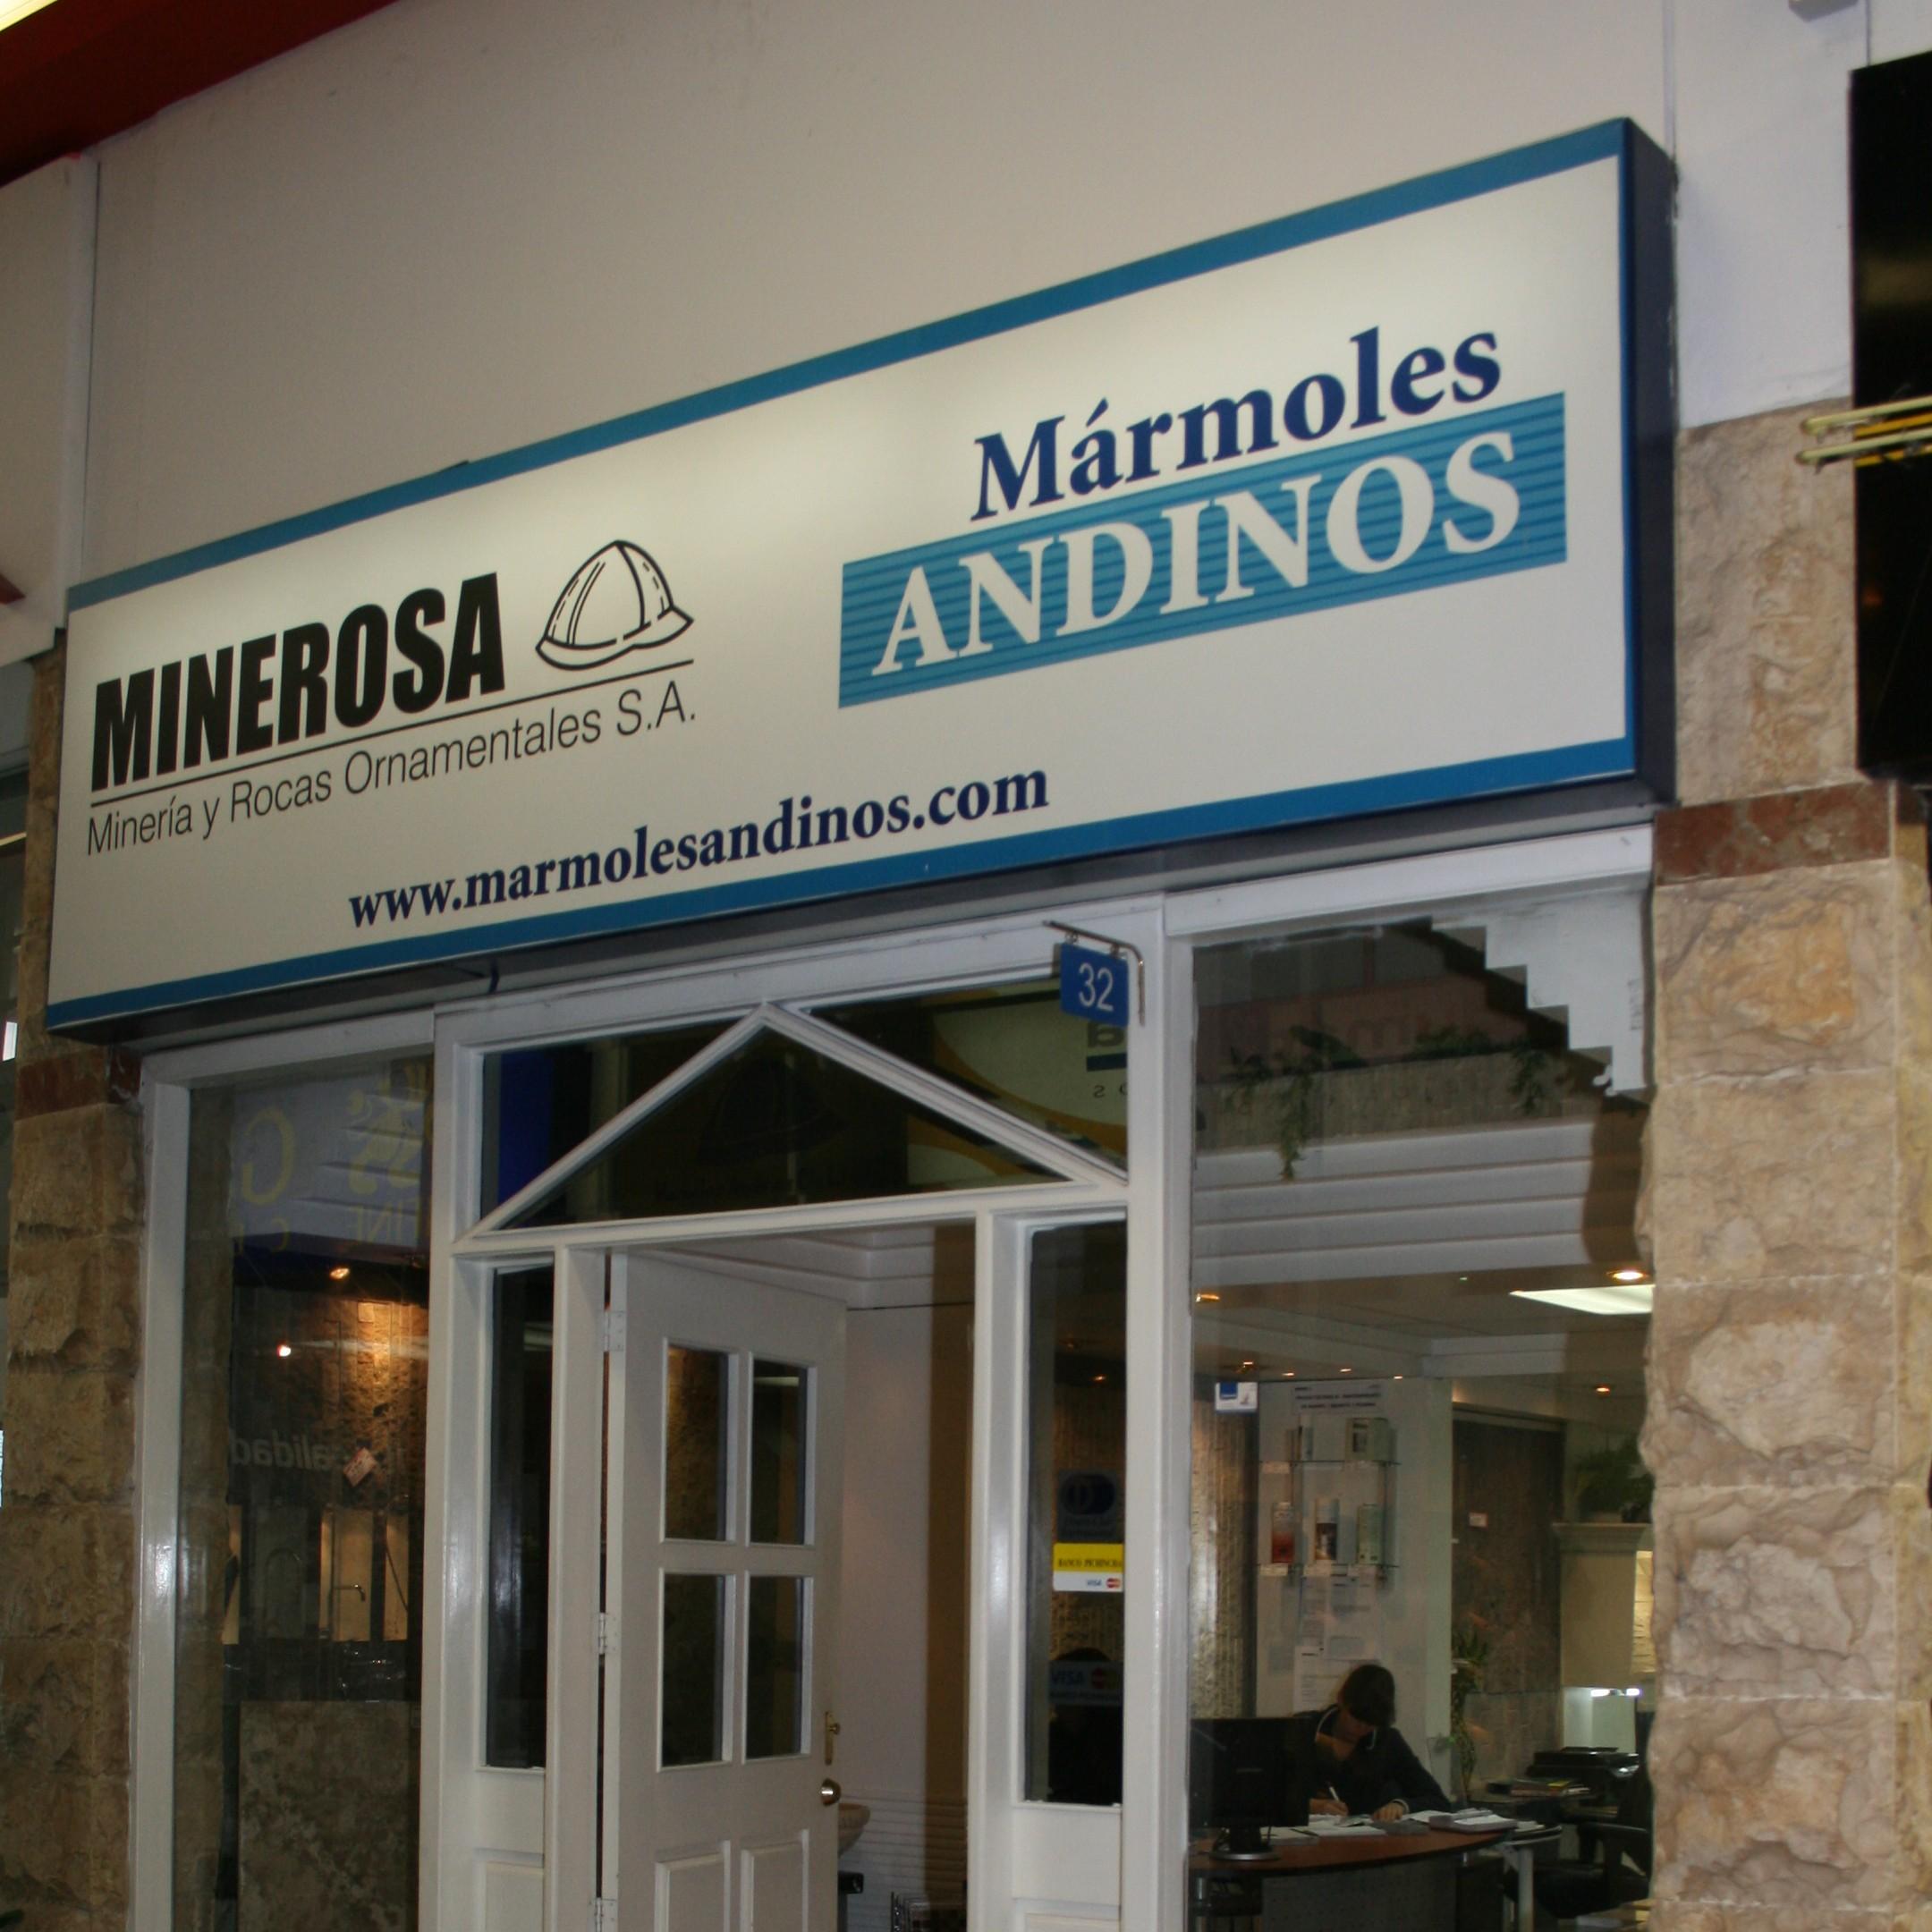 Empresa Minerosa